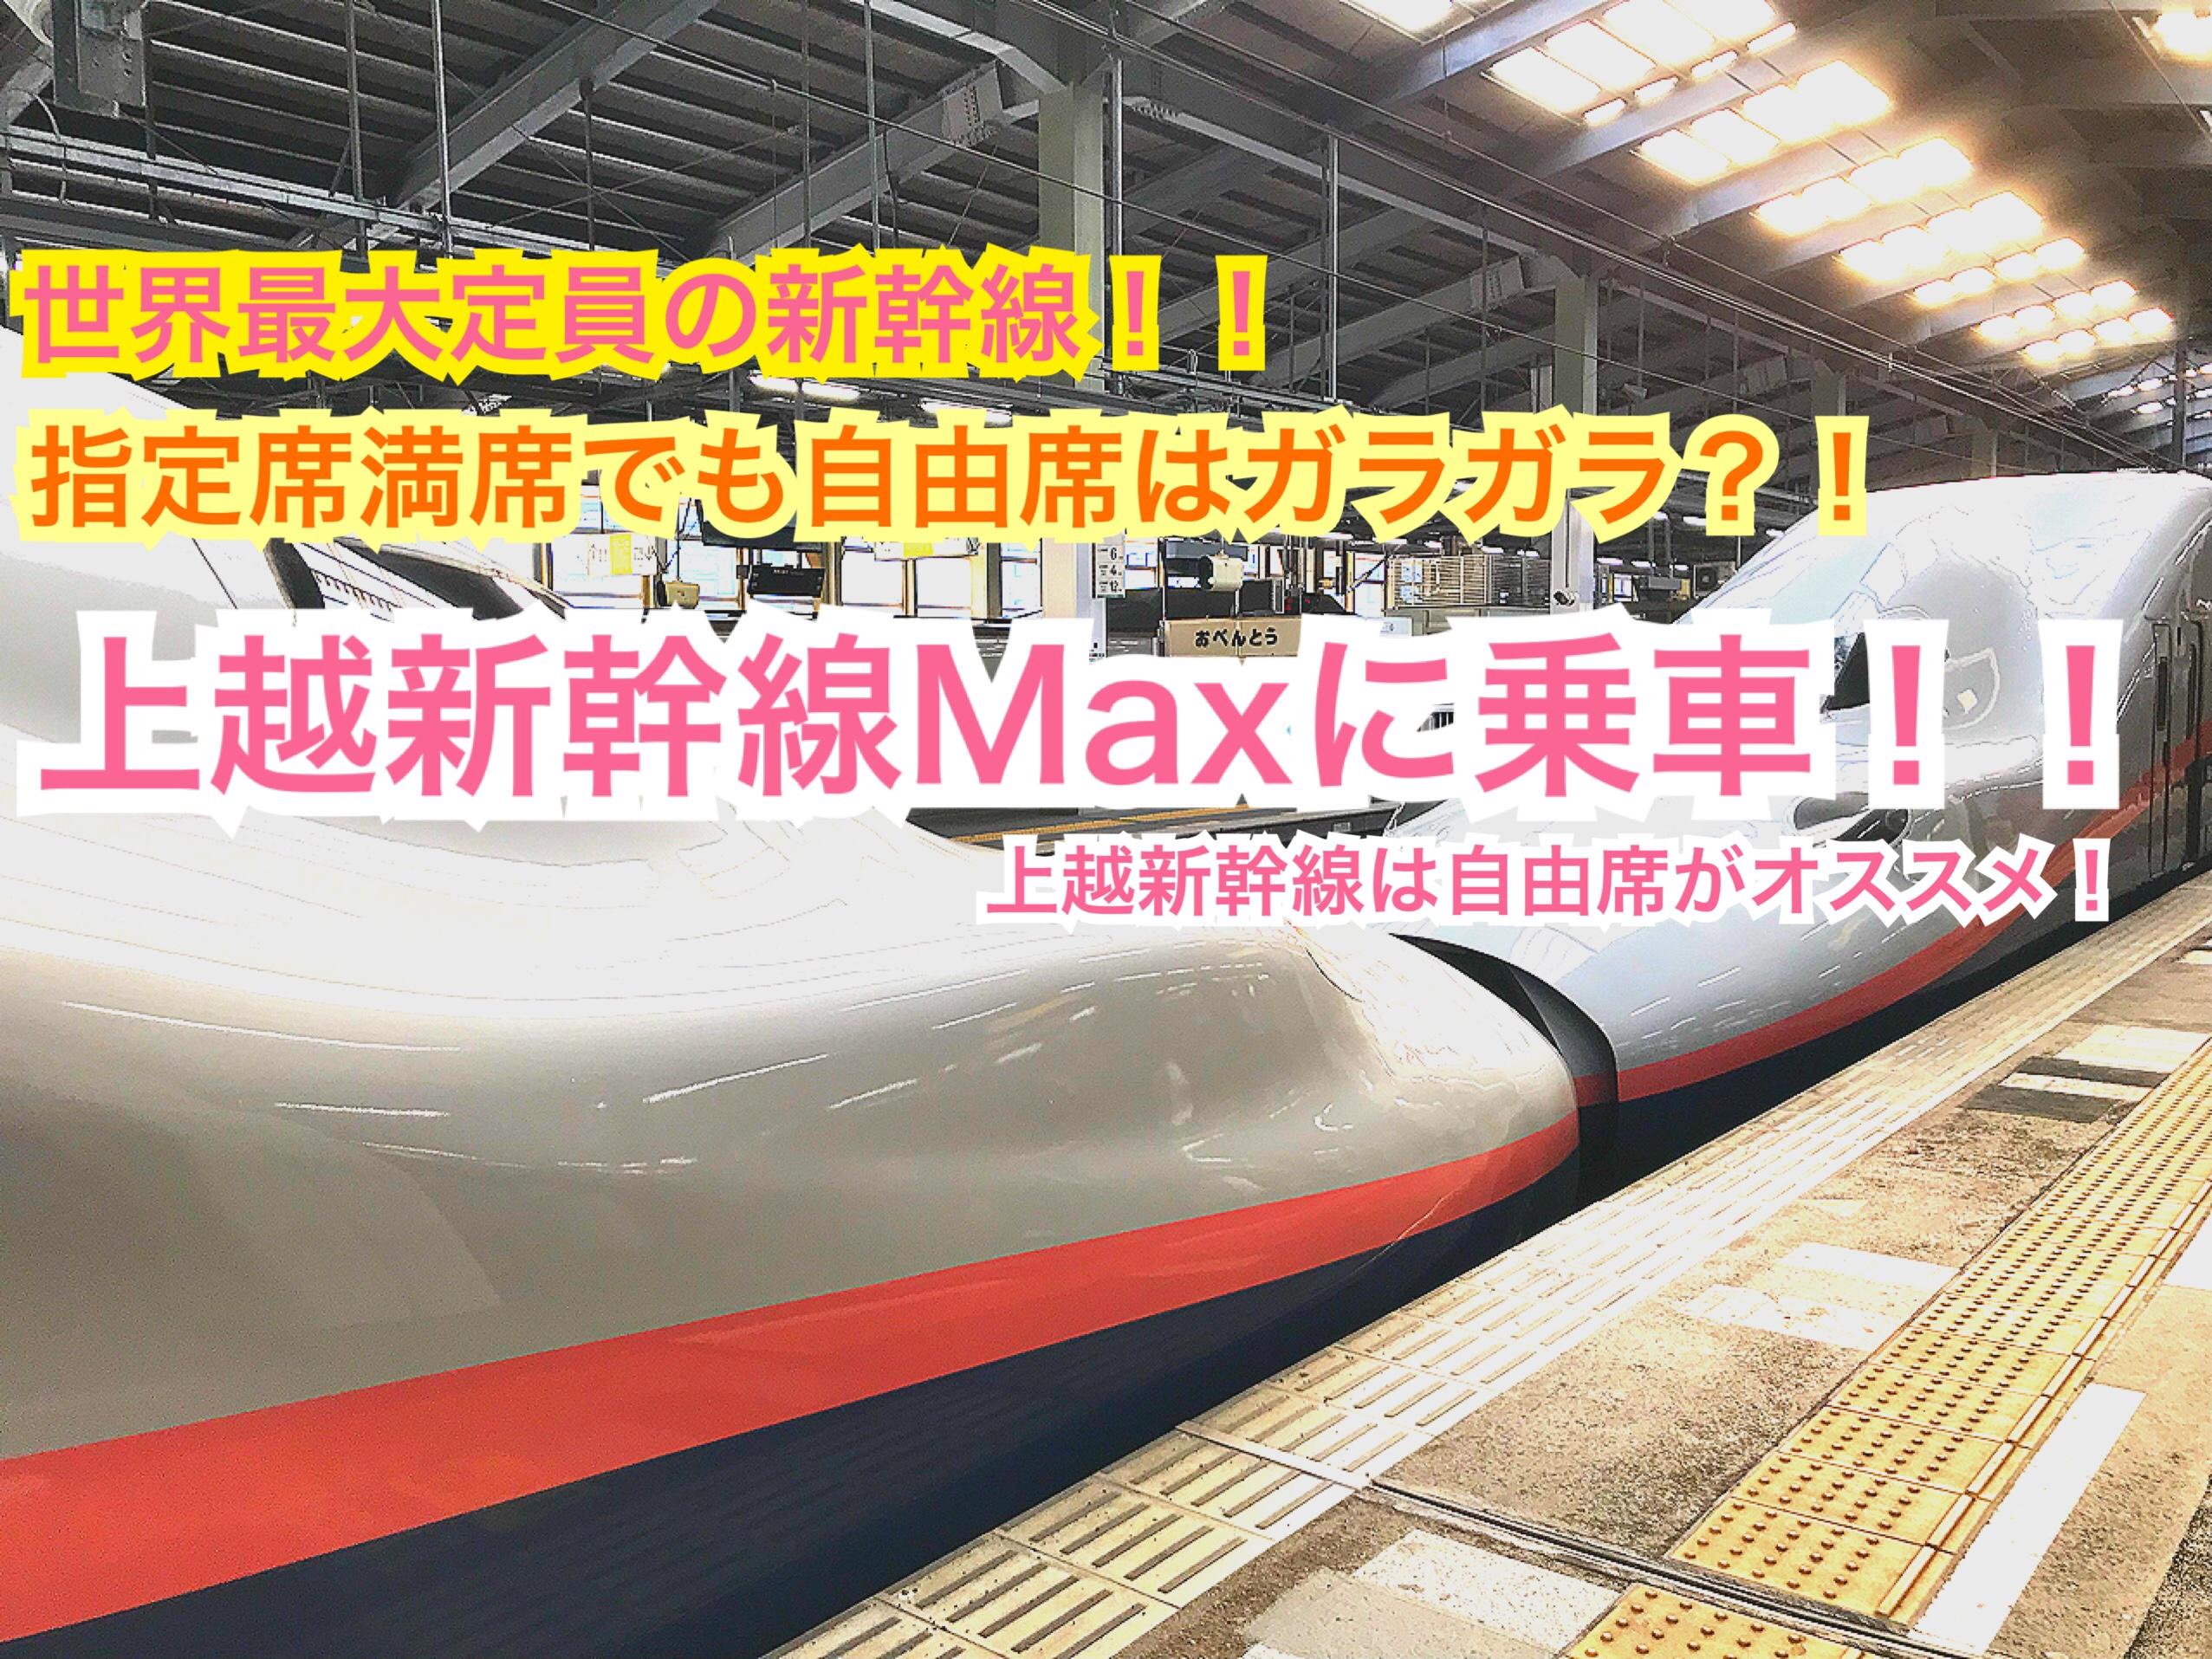 上越新幹線の自由席は指定席満席でもガラガラ?!【雪国周遊旅】